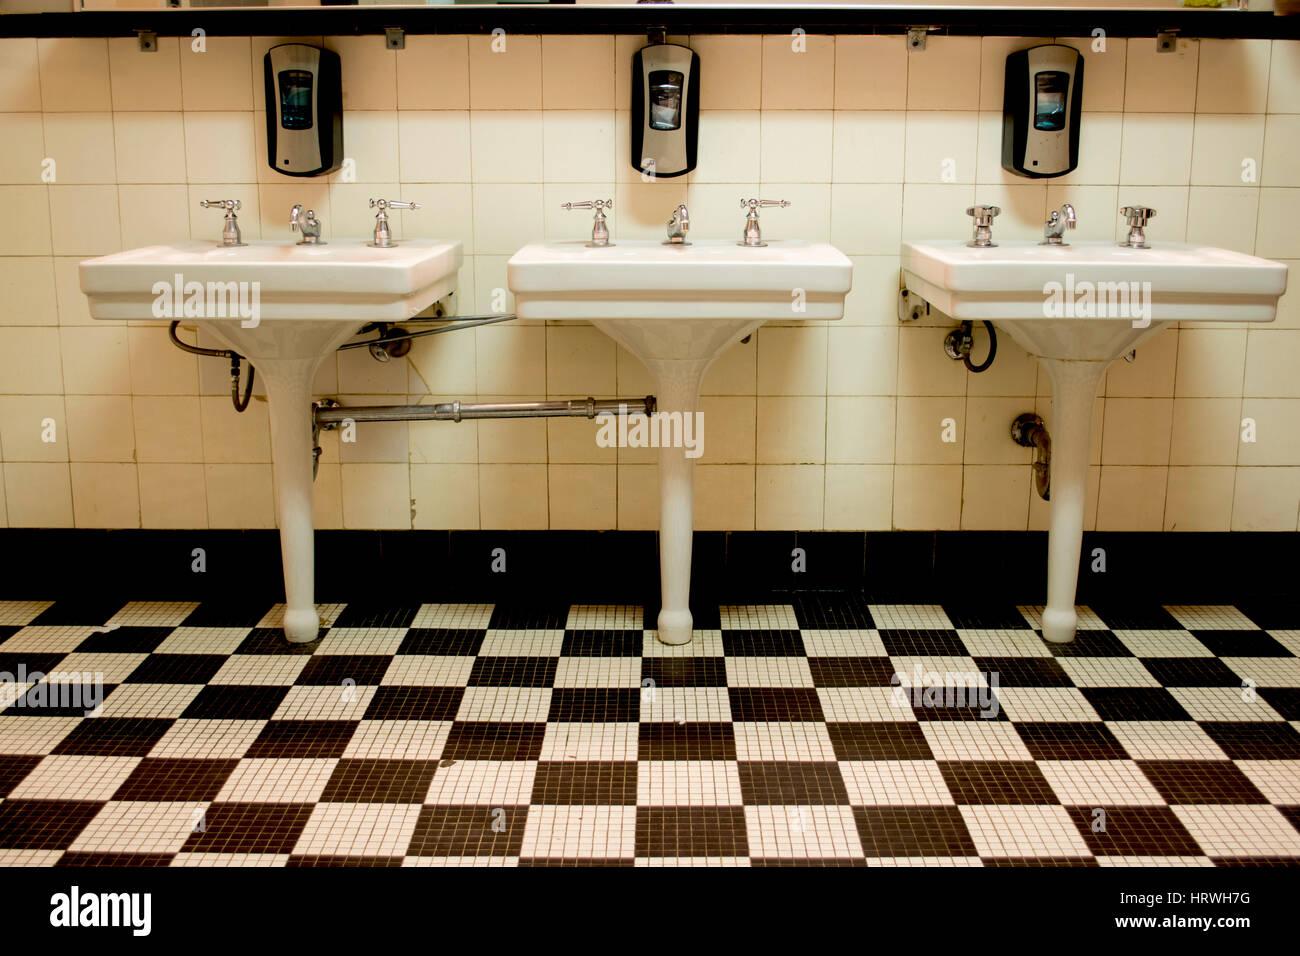 https www alamyimages fr photo image trois puits de porcelaine blanche dans une vieille salle de bains publics art deco avec un carrelage en damier noir et blanc marbre 135172004 html